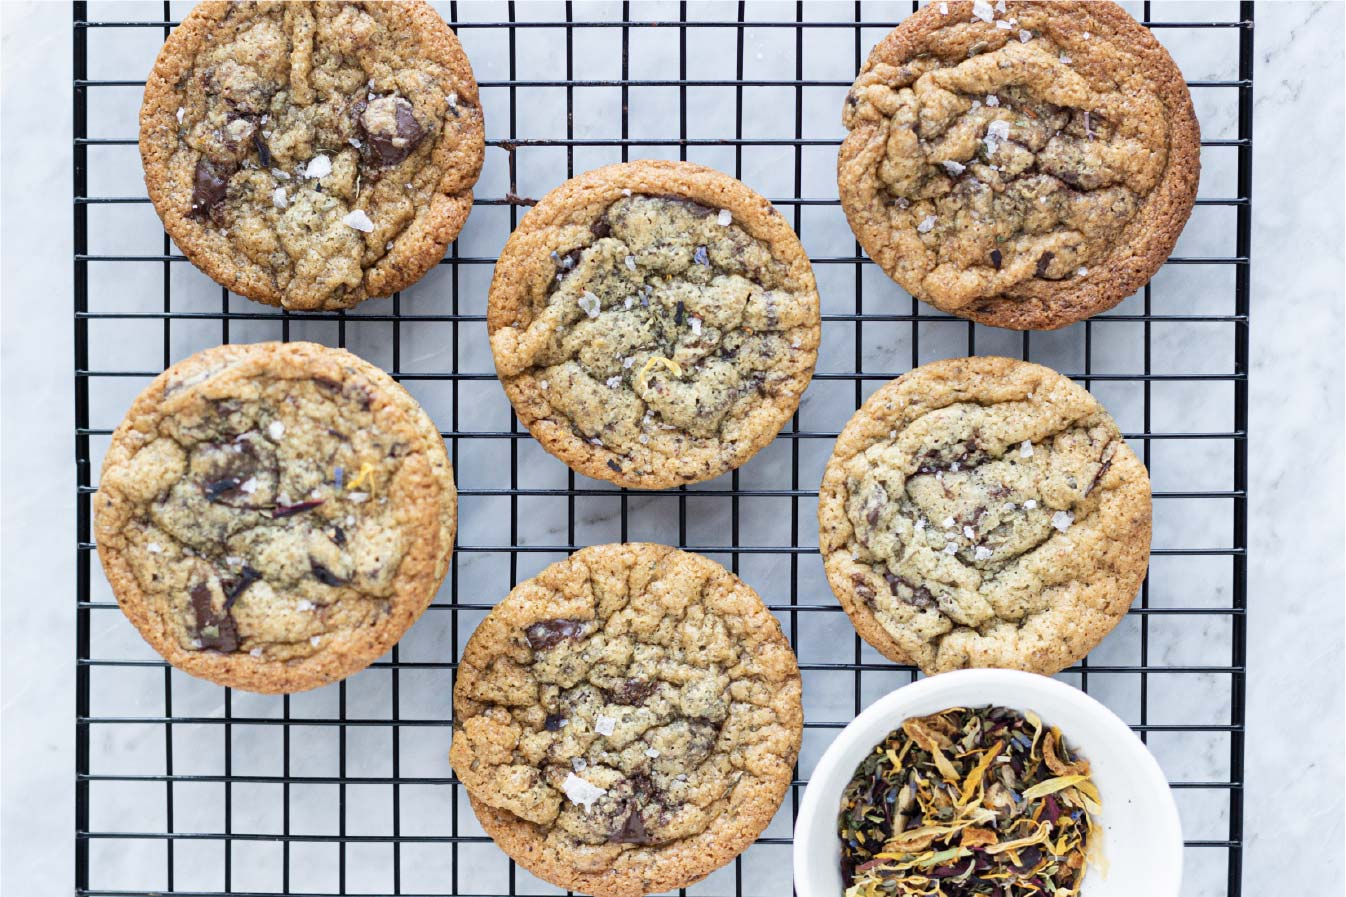 Cookies Adagio Teas